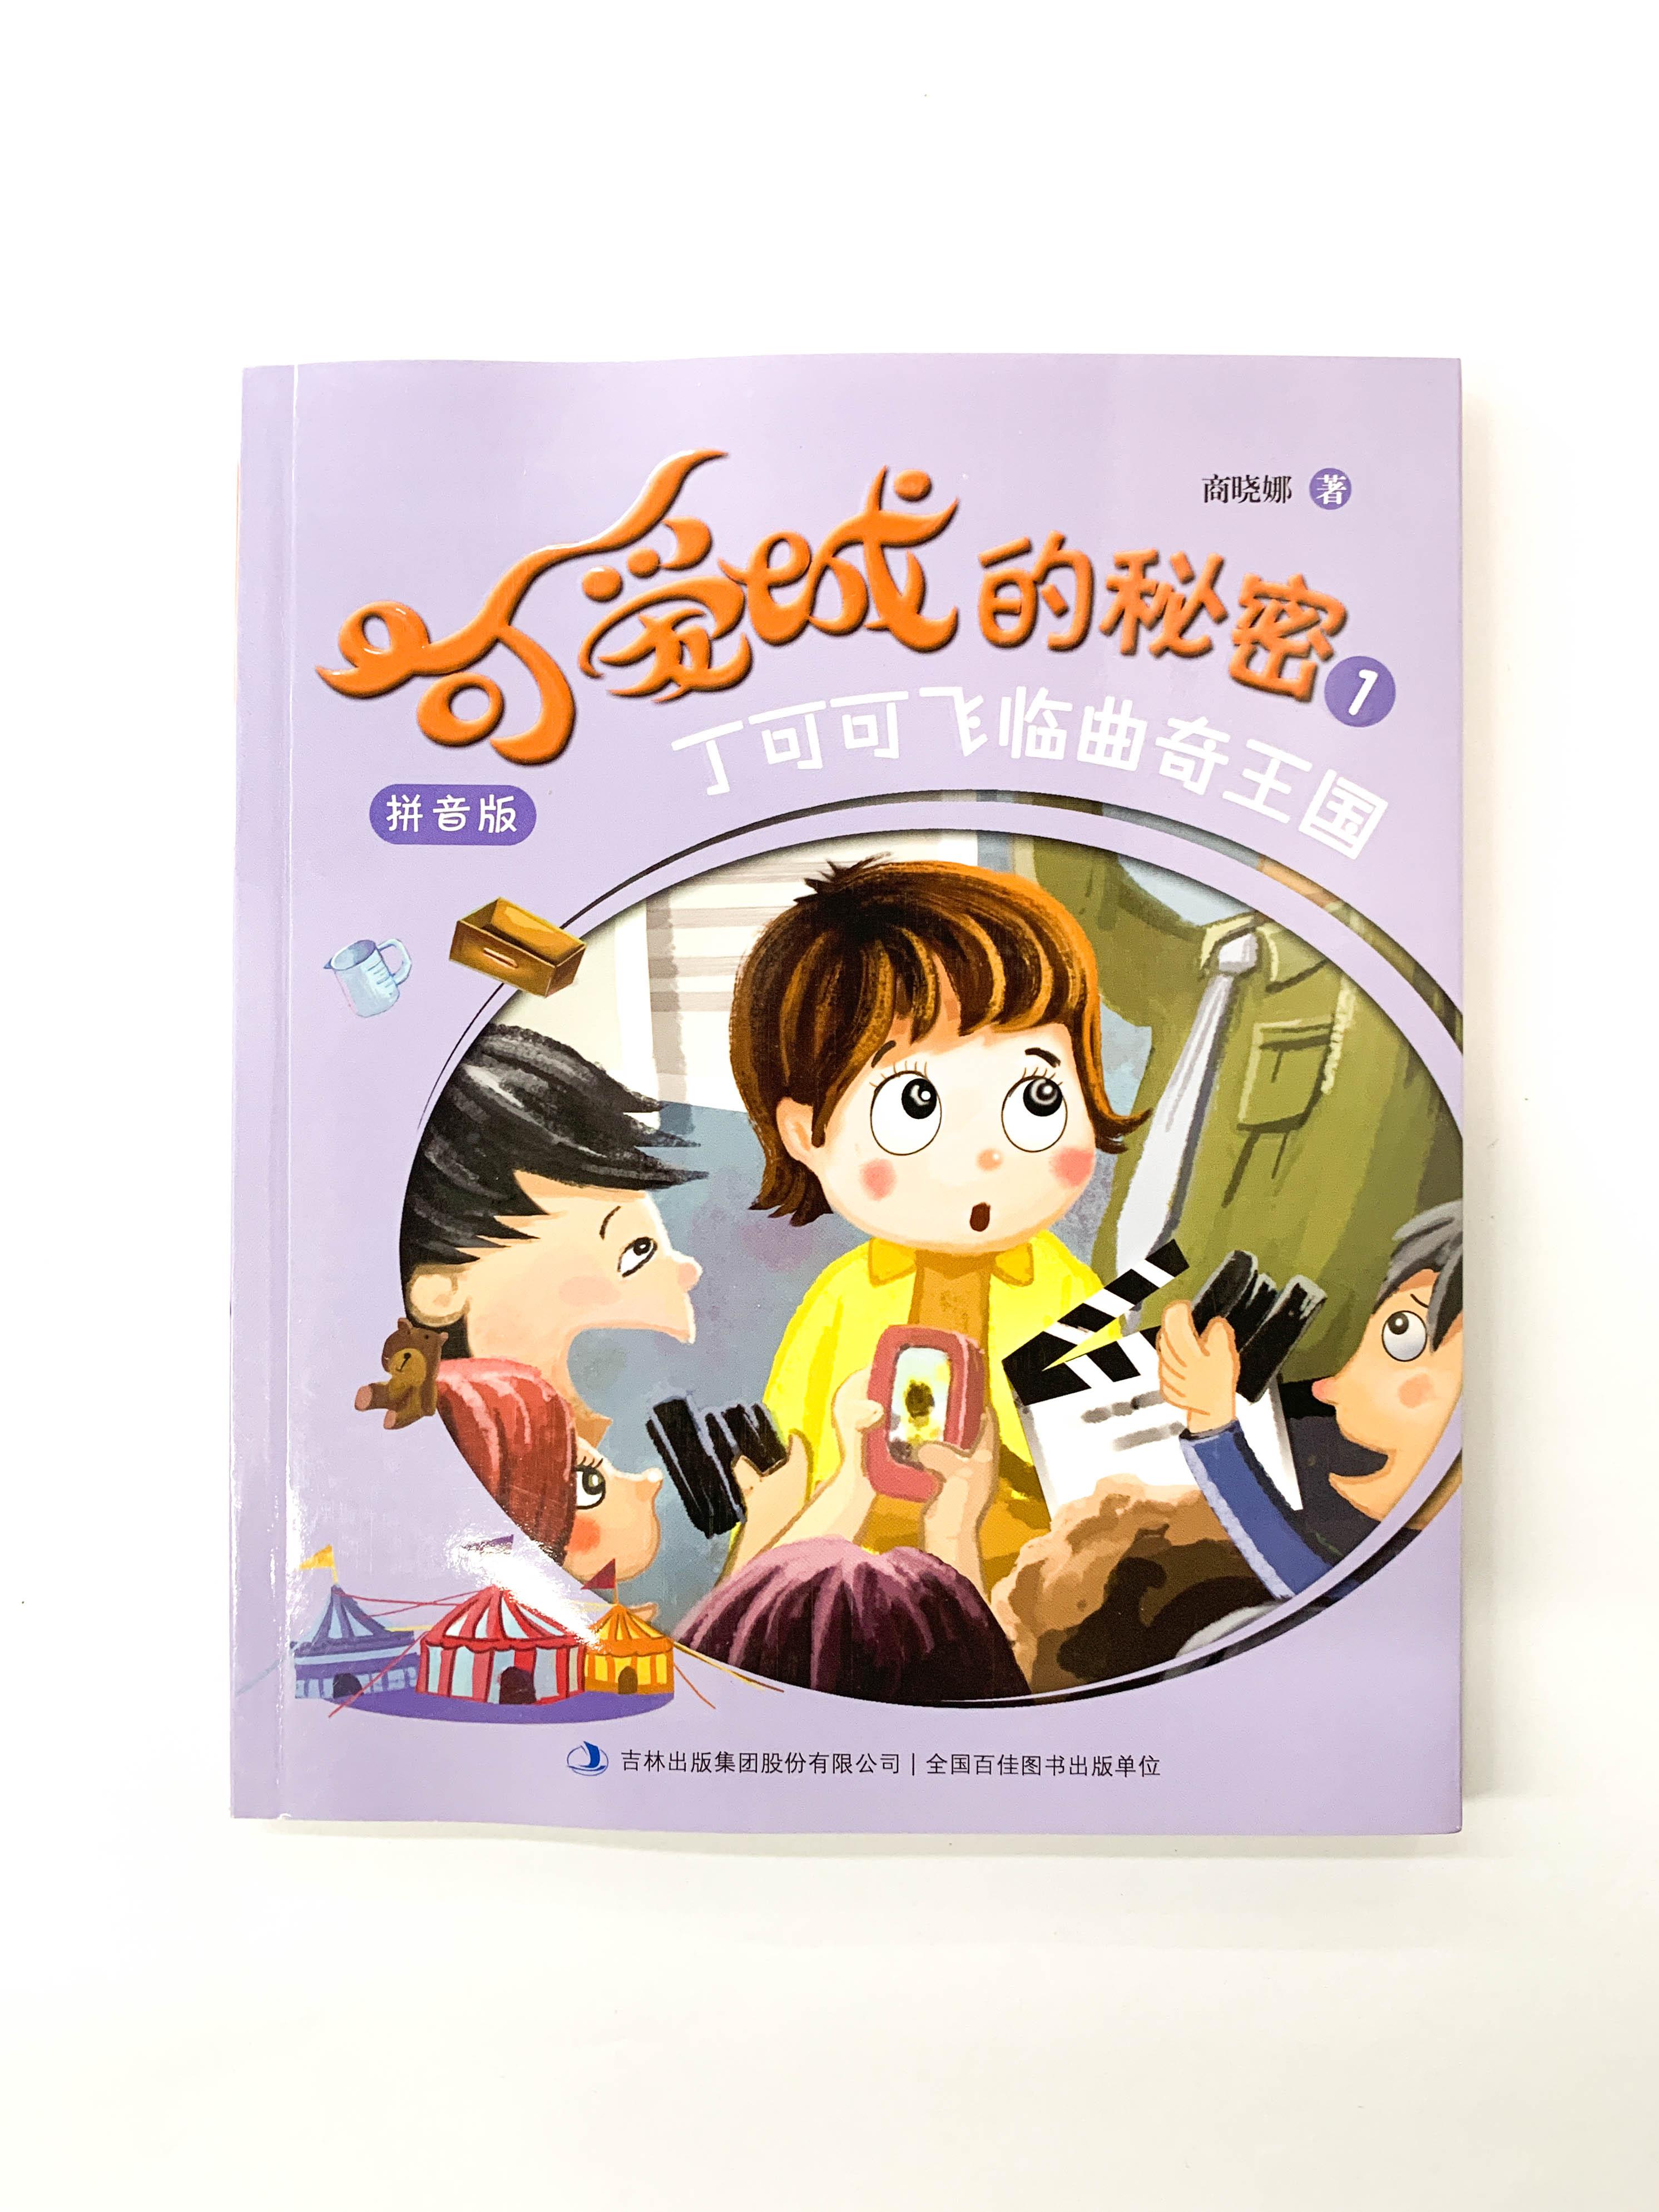 长春市博锐文化传媒有限公司:怎么增加孩子的阅读兴趣